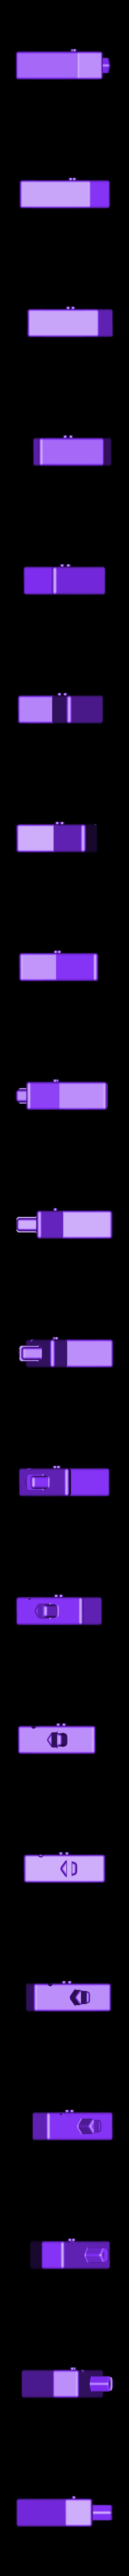 B.stl Télécharger fichier STL gratuit Puzzle braille Fittle Boat • Modèle à imprimer en 3D, Fittle